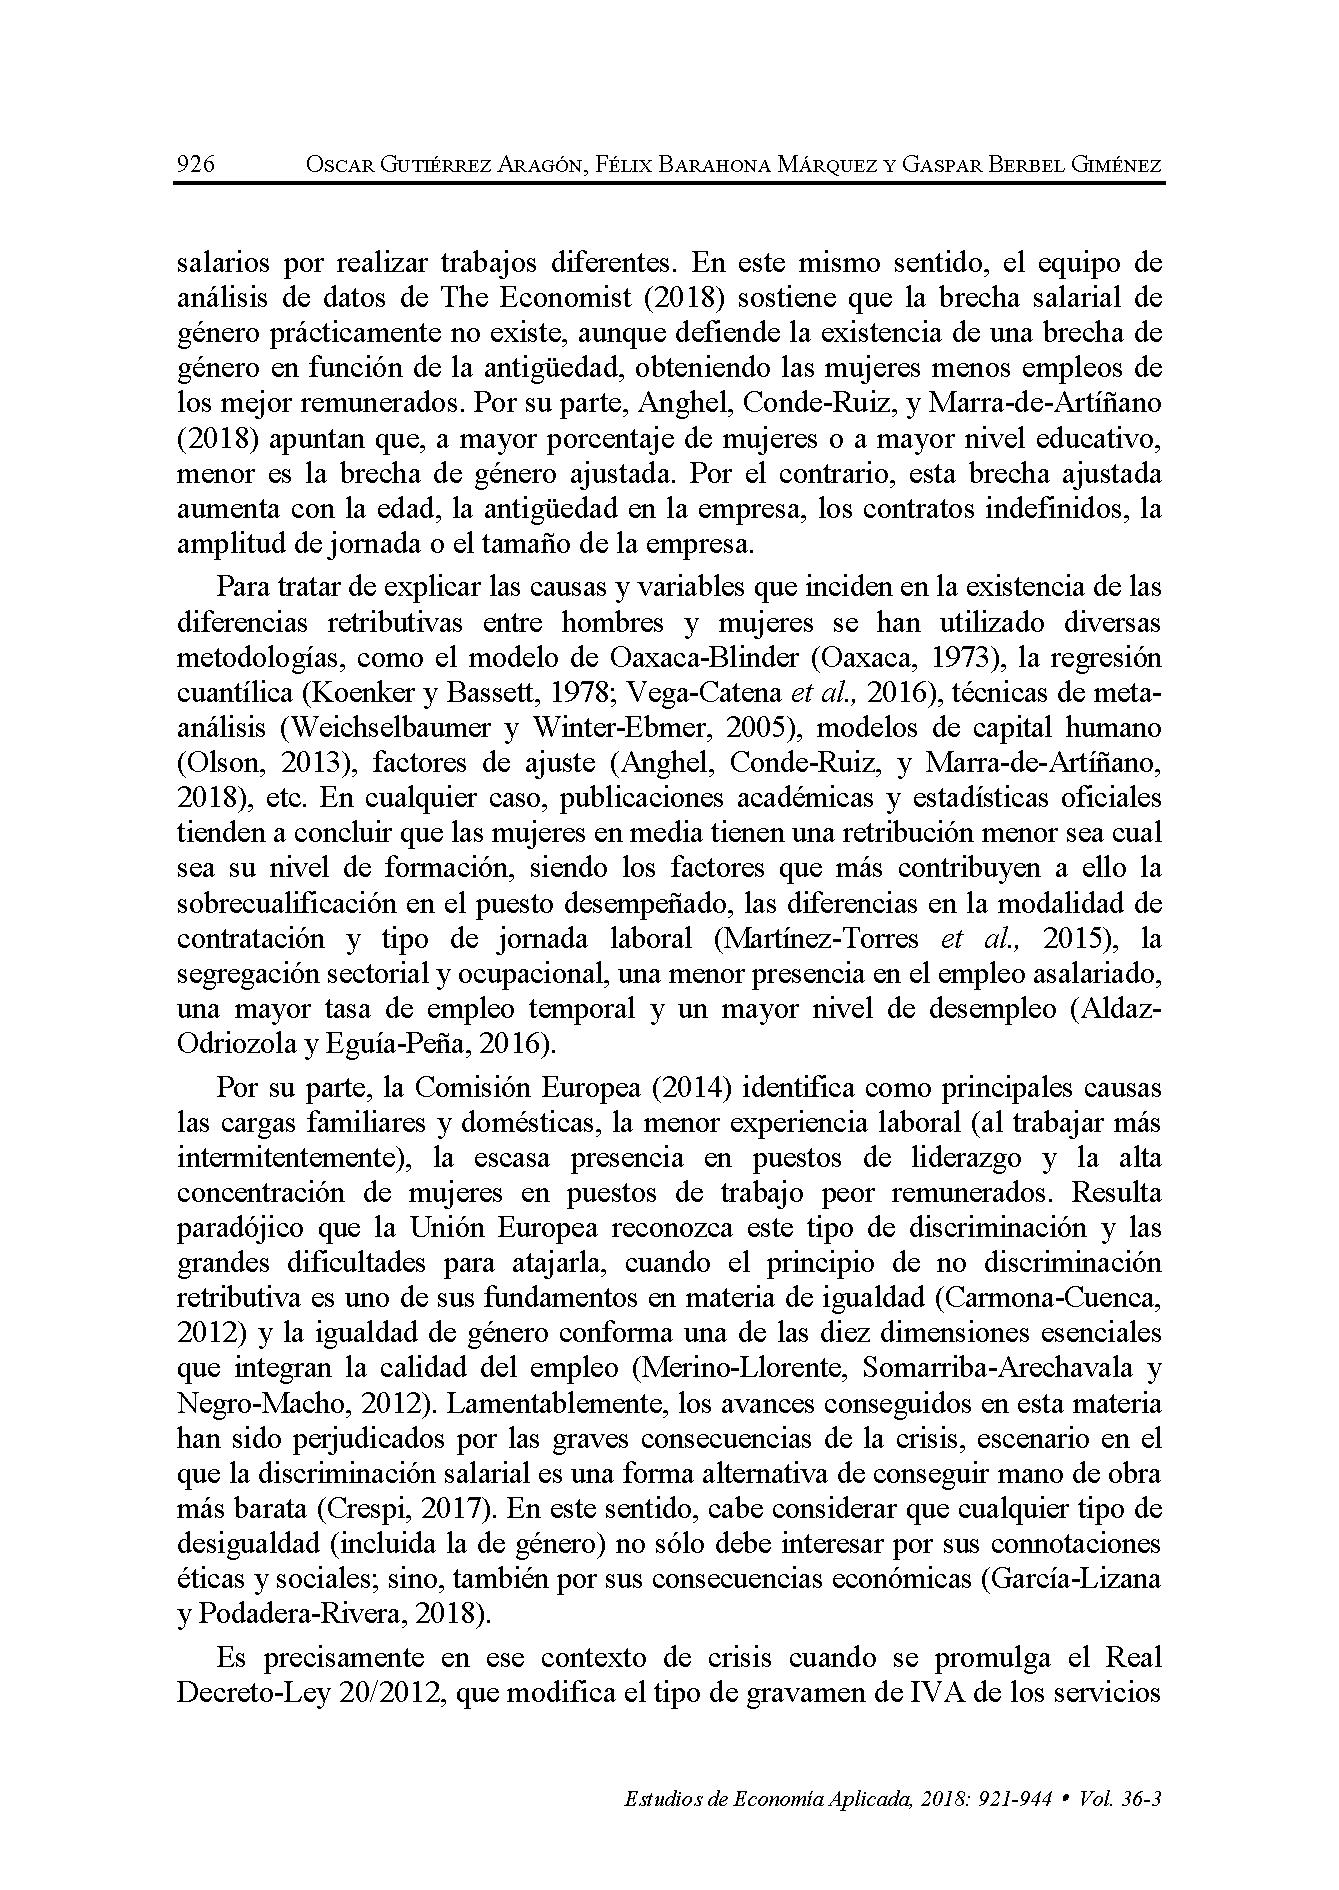 Efectos incremento IVA sobre condiciones laborales sector veterinario (EEA)_Página_06